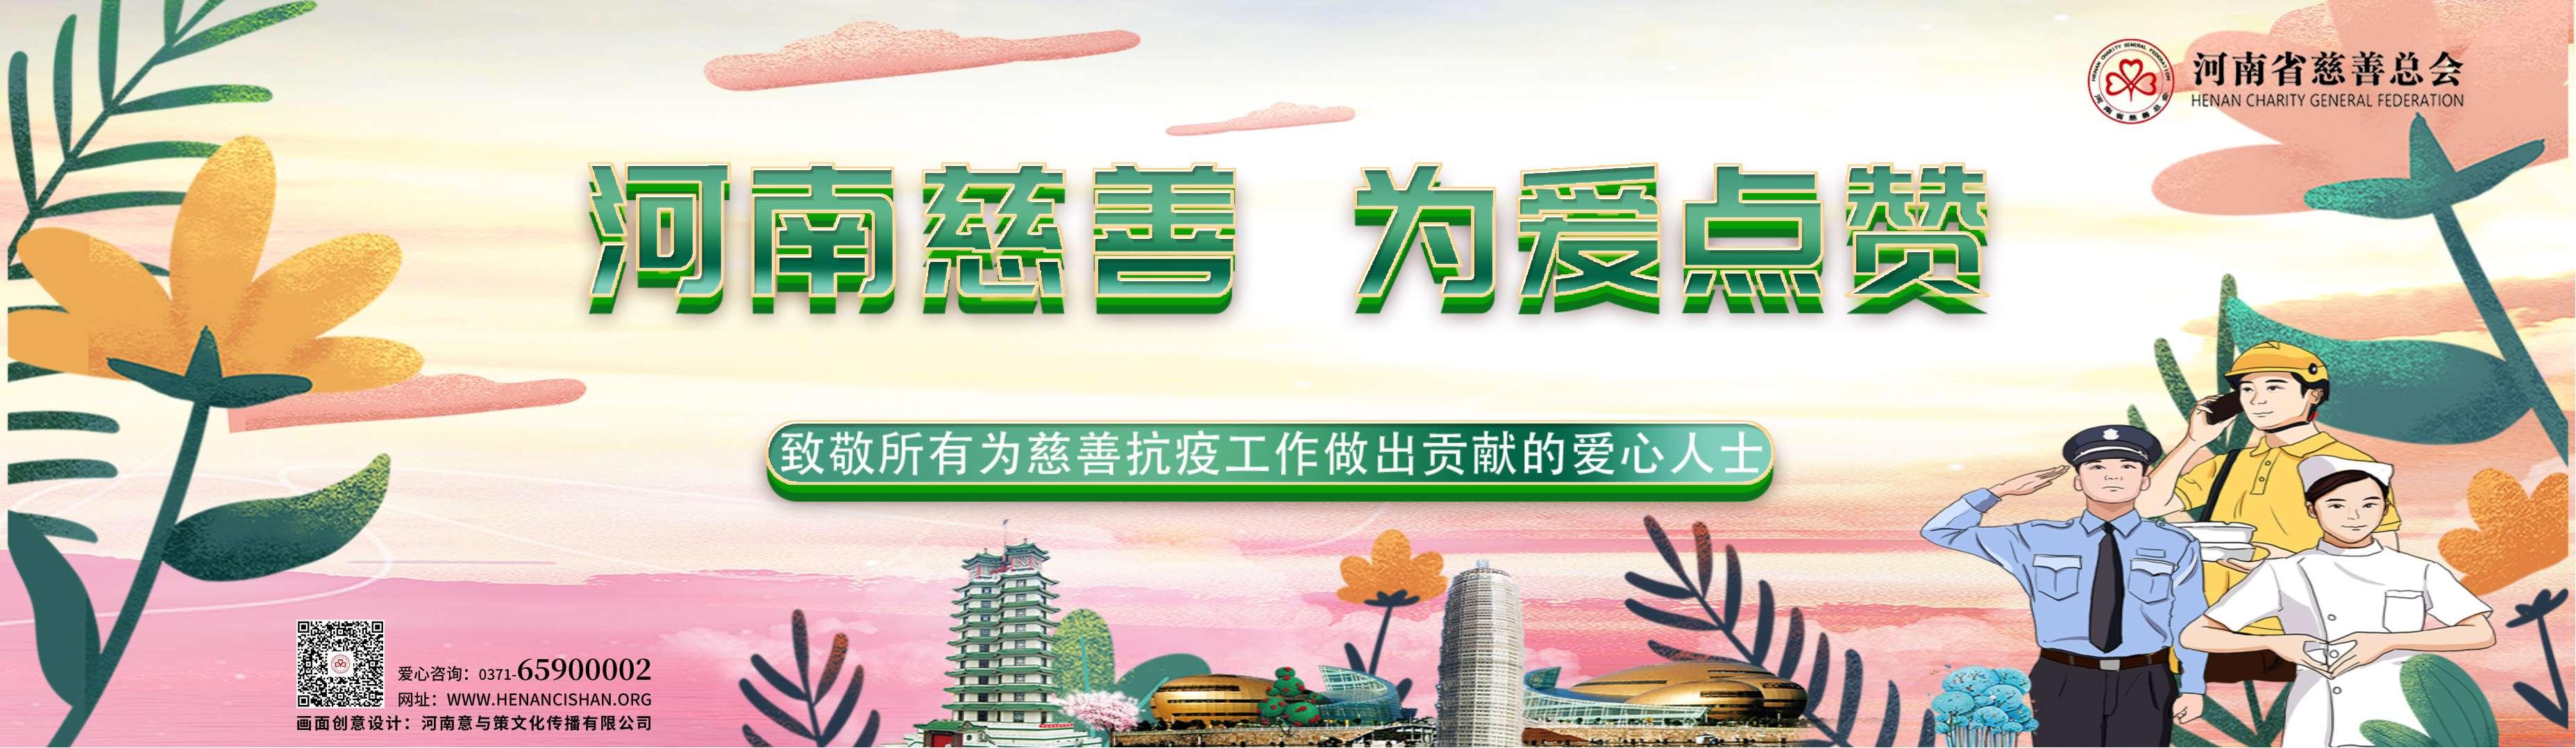 河南万博网页版登录入口